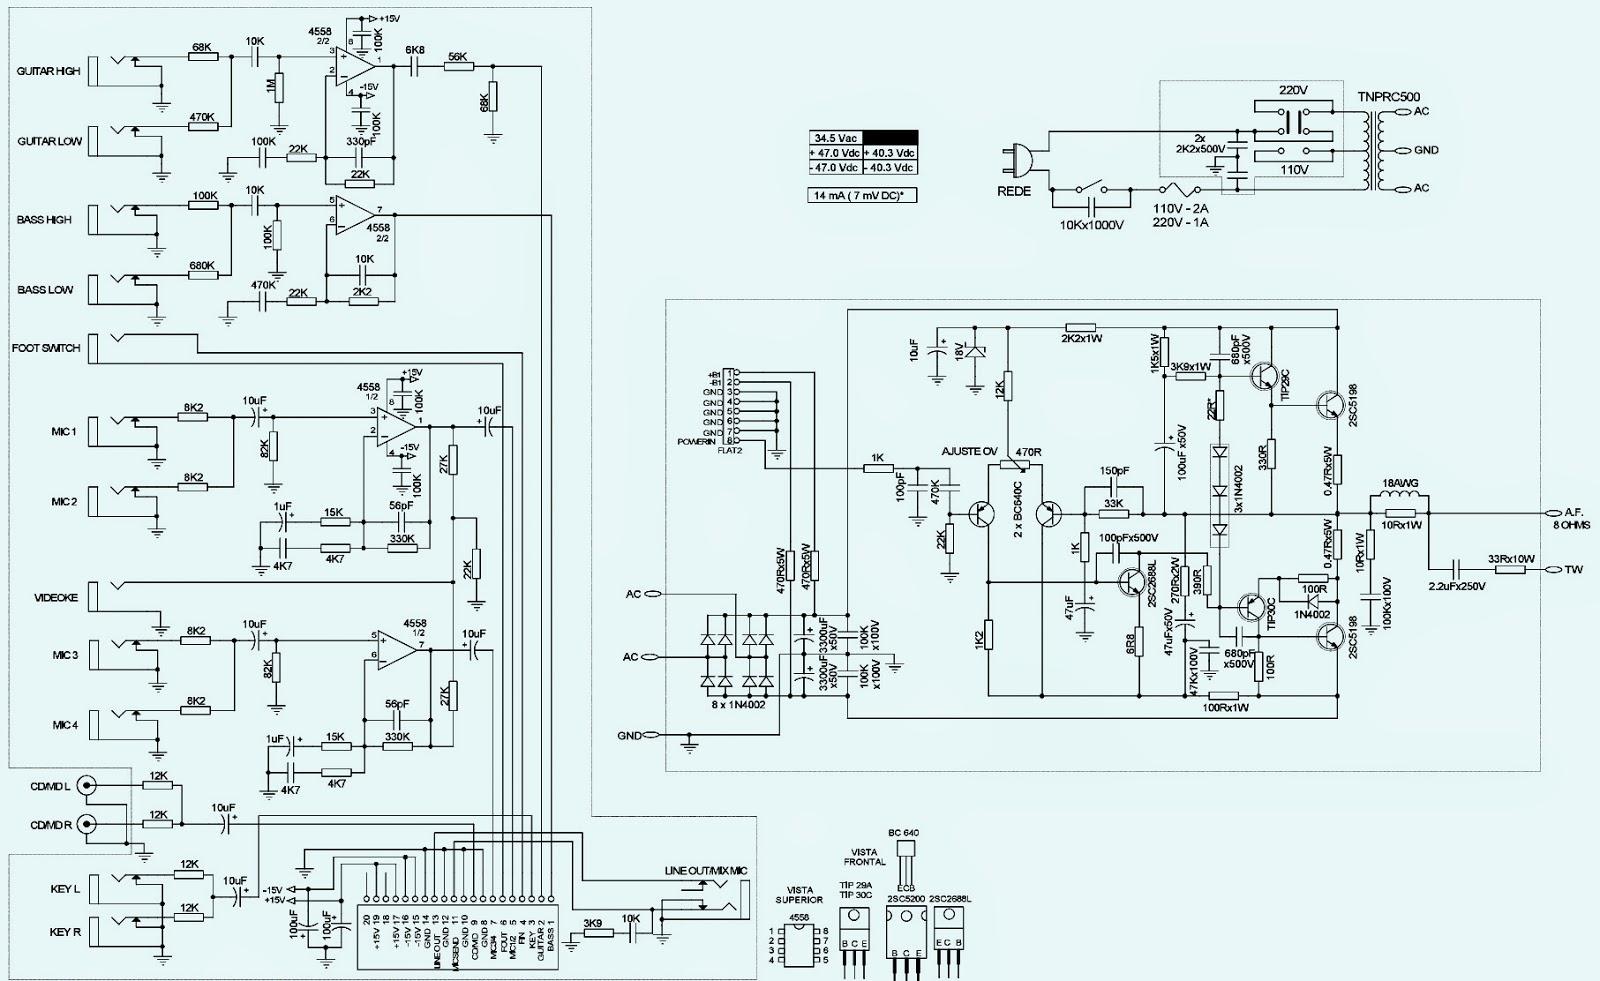 caixa ciclotron nprc 500 schematic diagram guitar. Black Bedroom Furniture Sets. Home Design Ideas